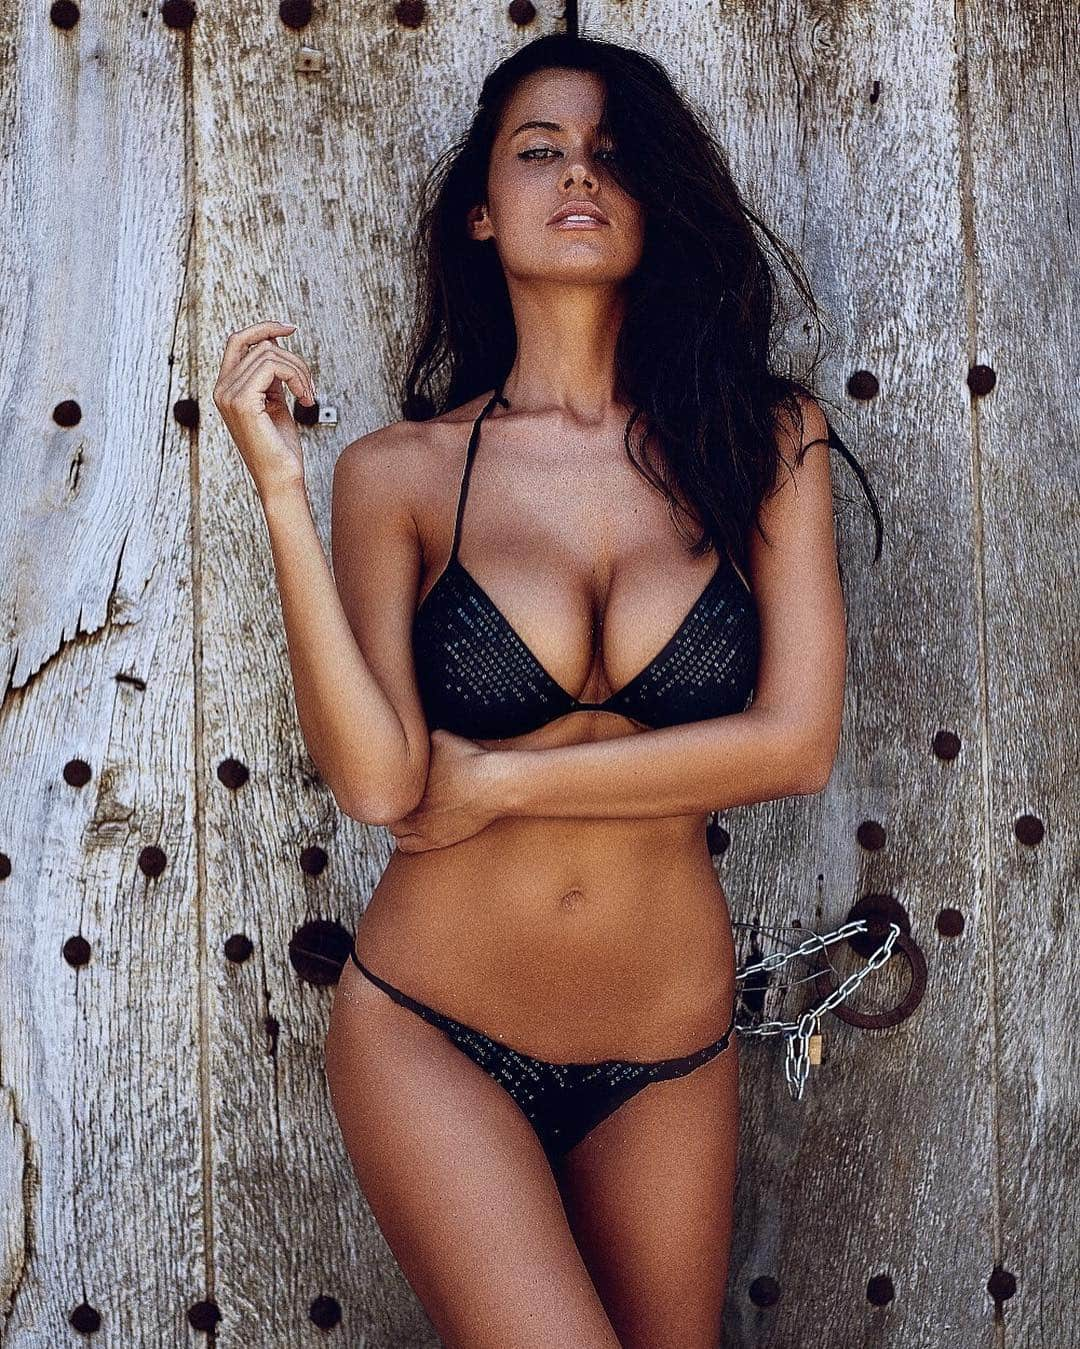 Eva Padlock Stunning Hot Body